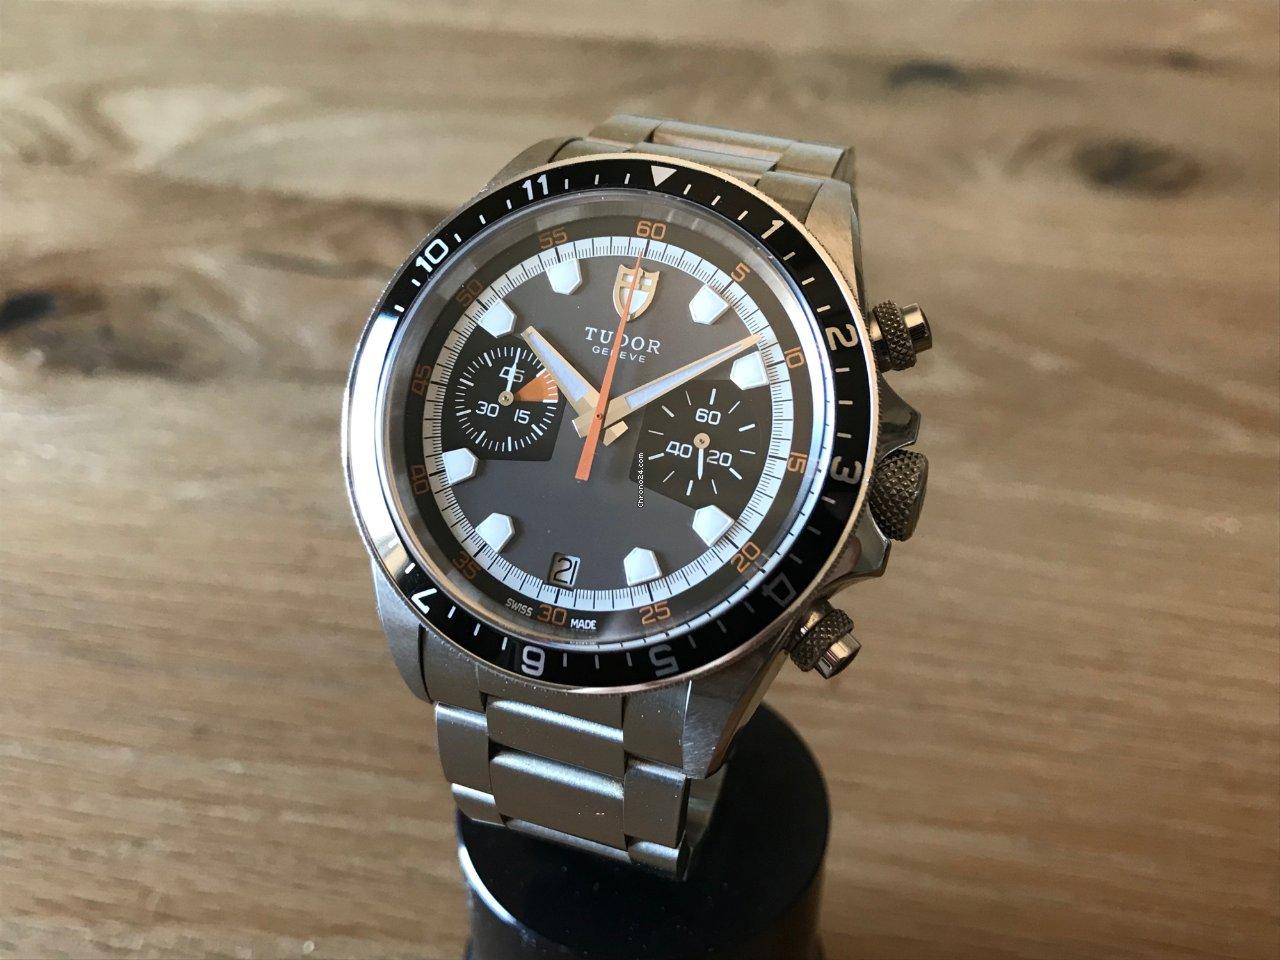 926fba327190 Relojes Tudor - Precios de todos los relojes Tudor en Chrono24